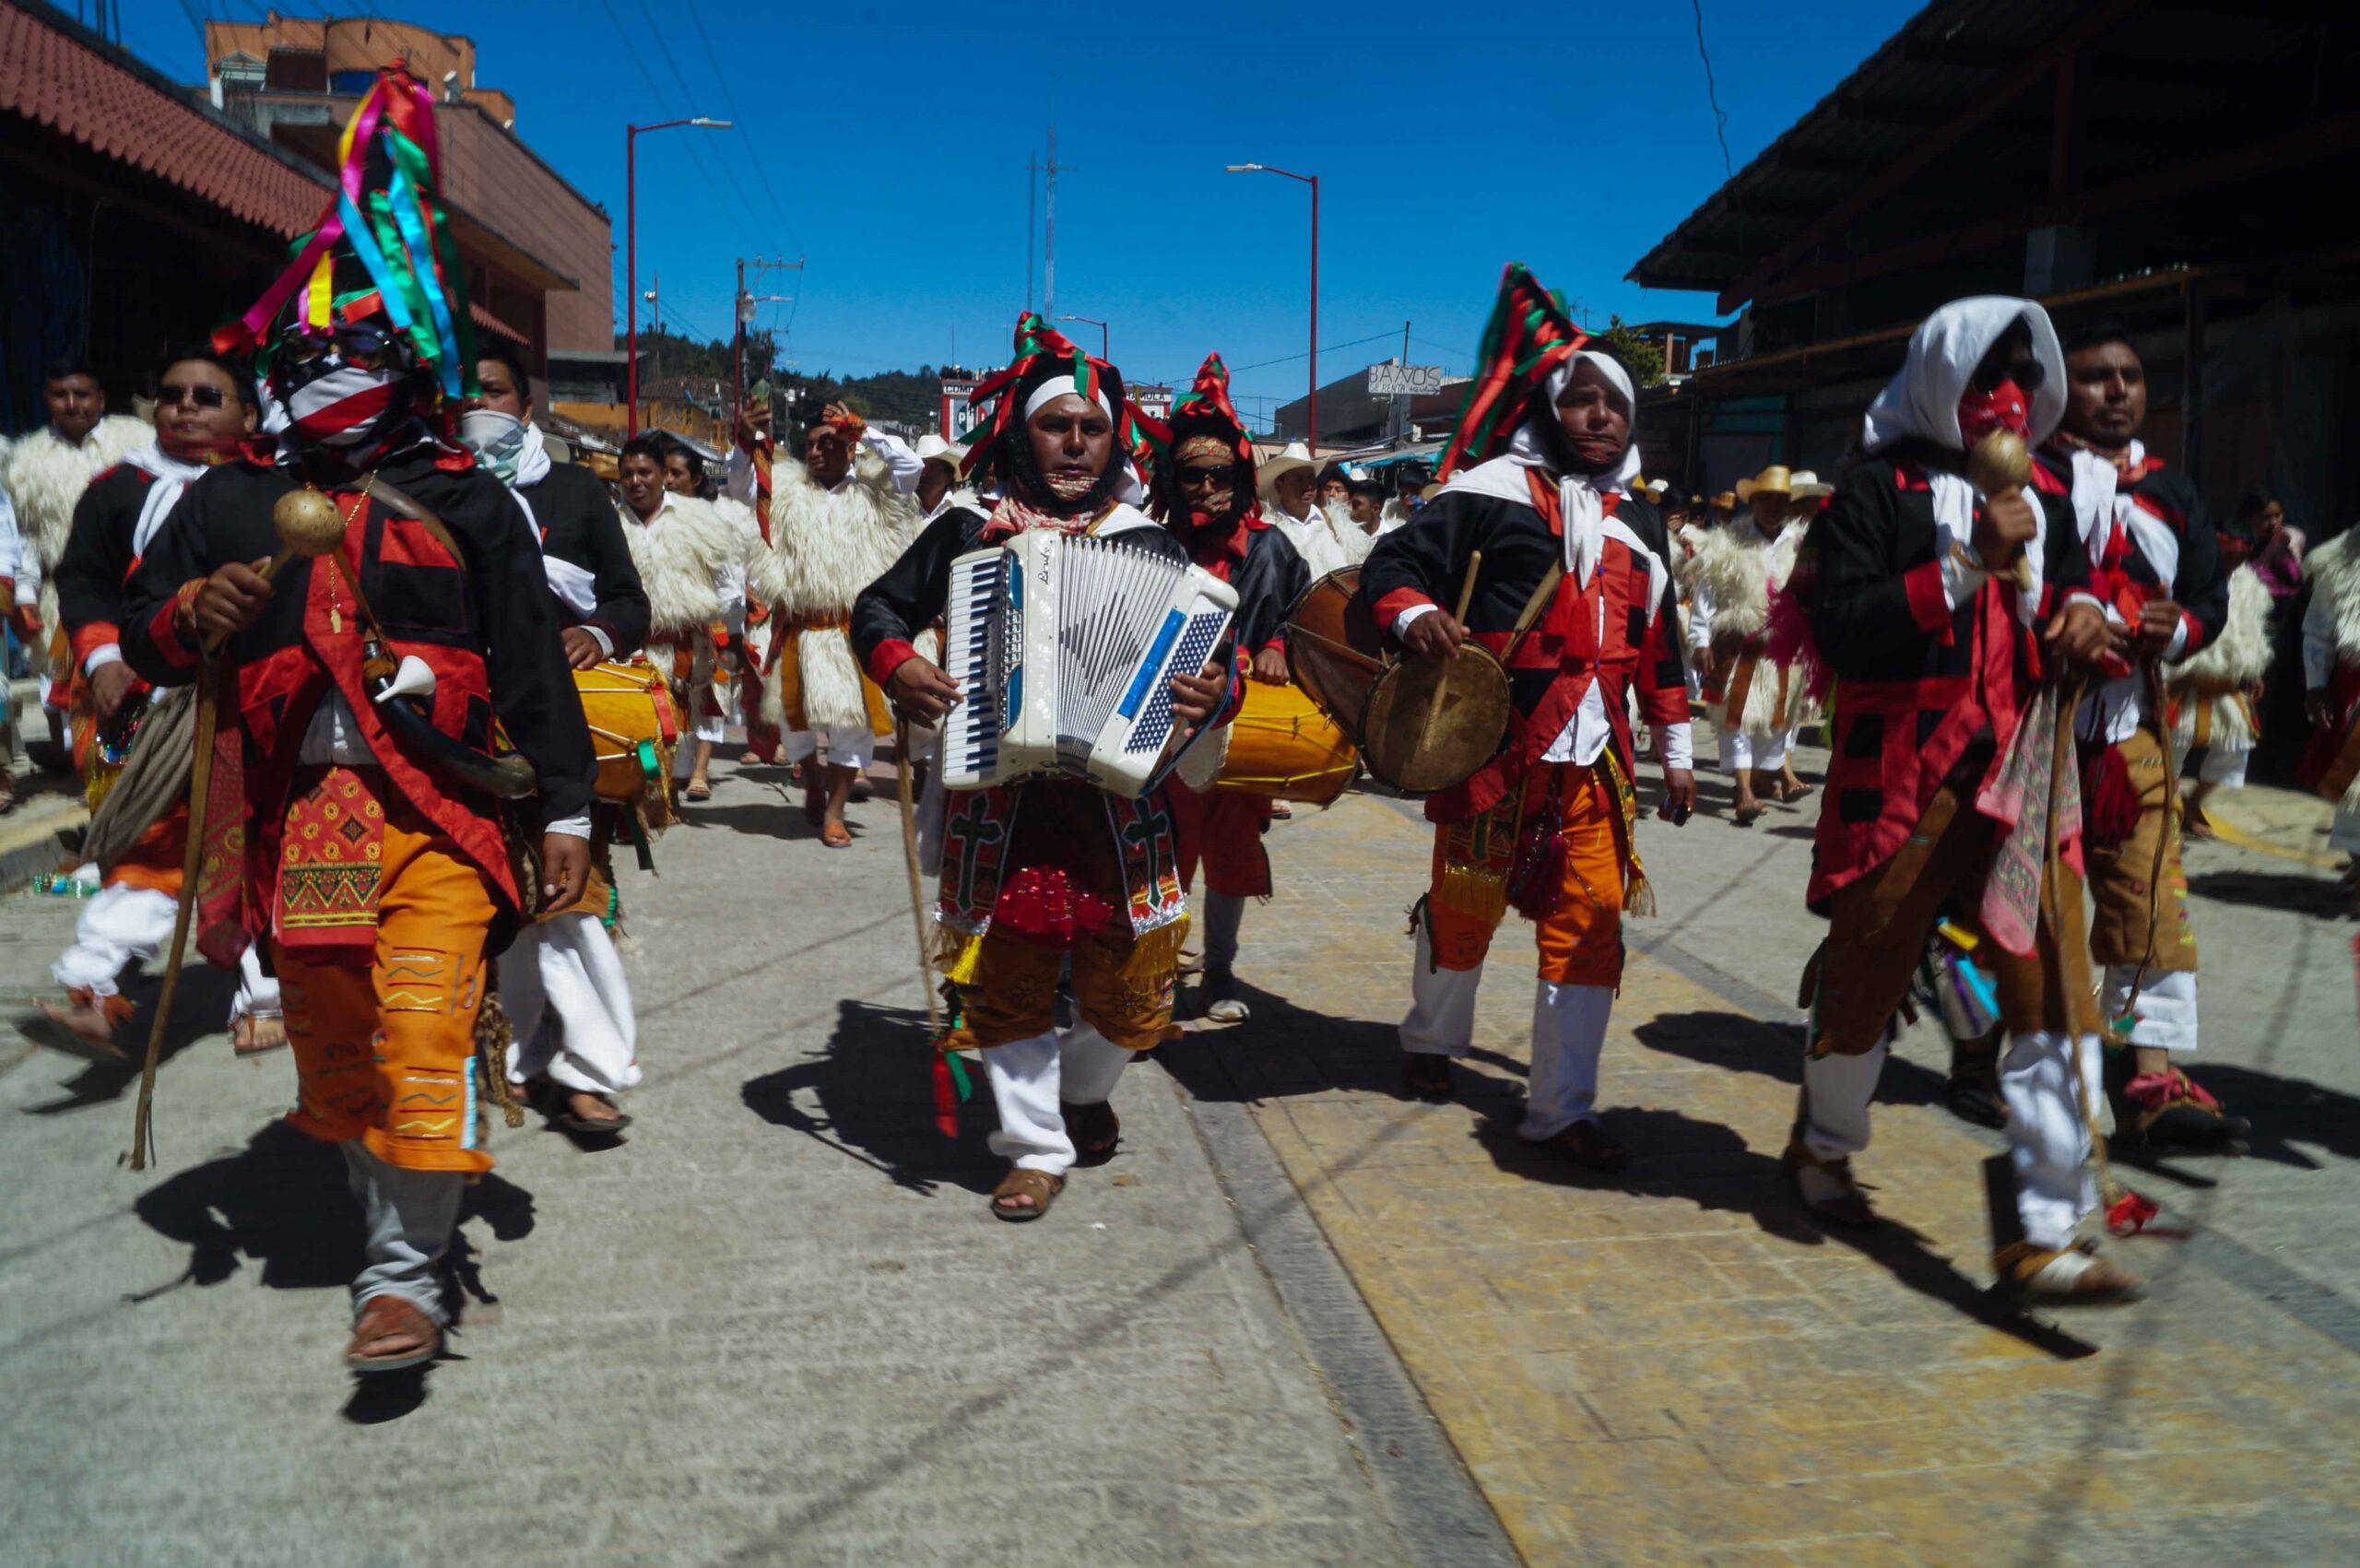 Pueblos indígenas celebran ancestral carnaval en sur de México pese al virus